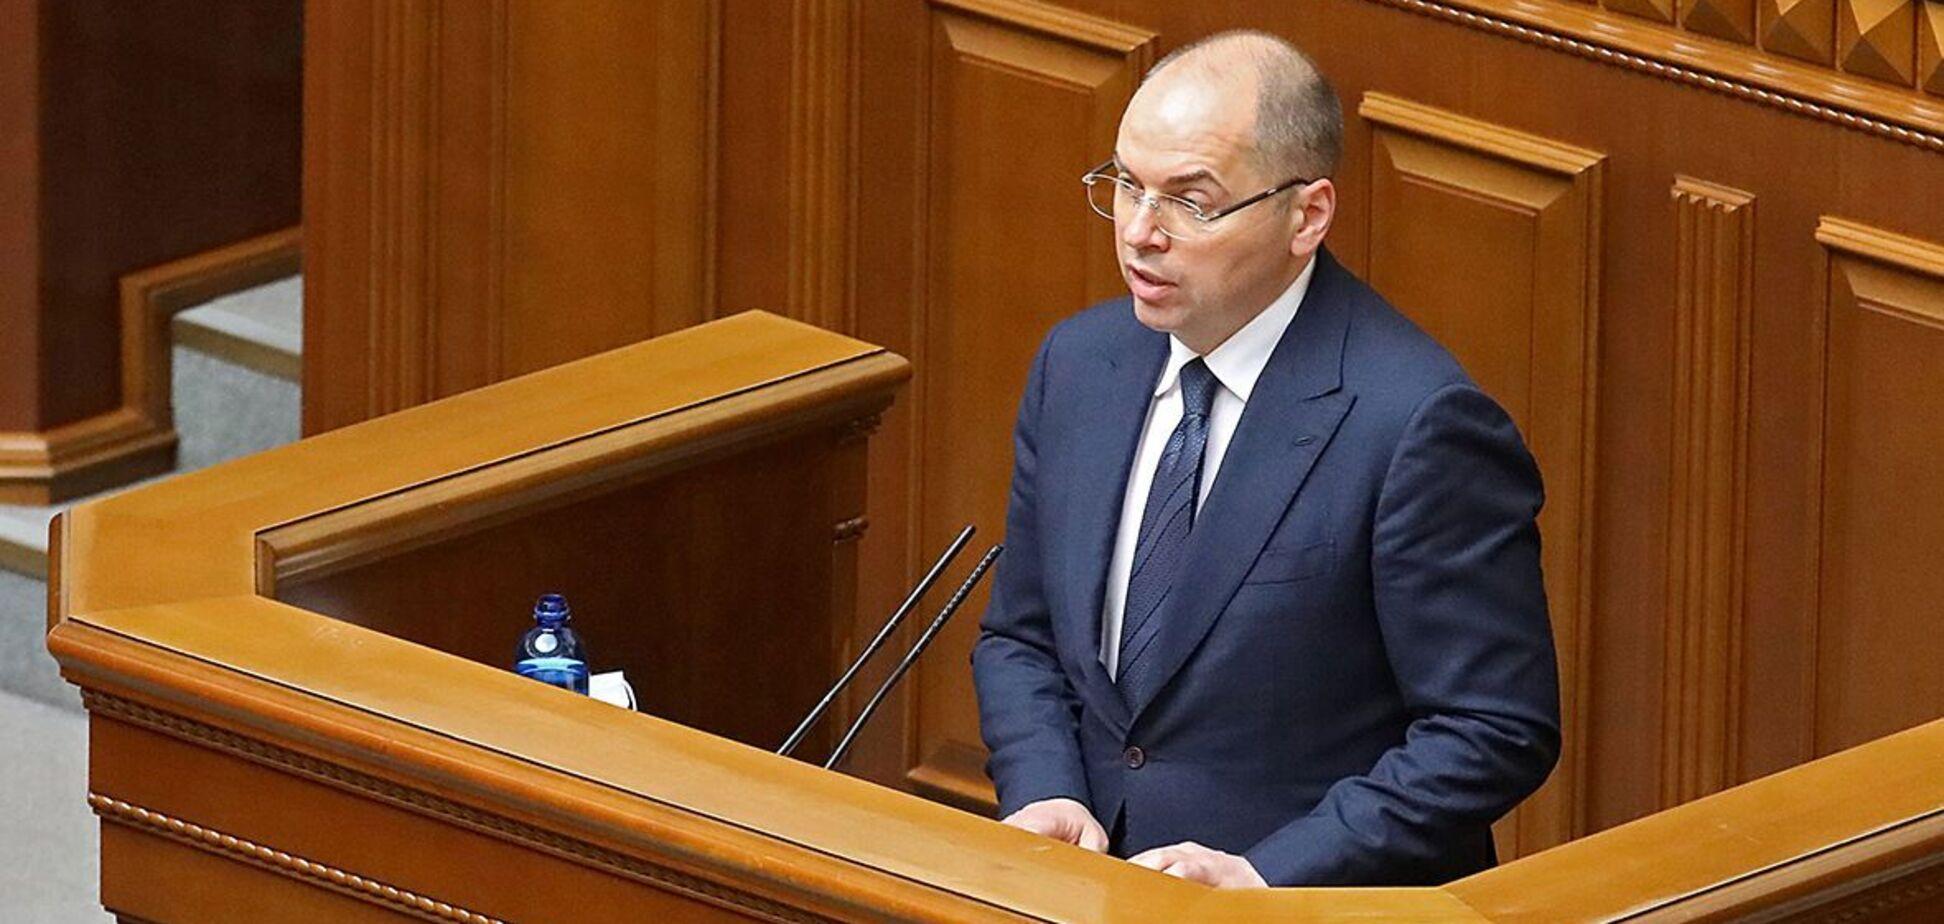 Міністр охорони здоров'я Максим Степанов